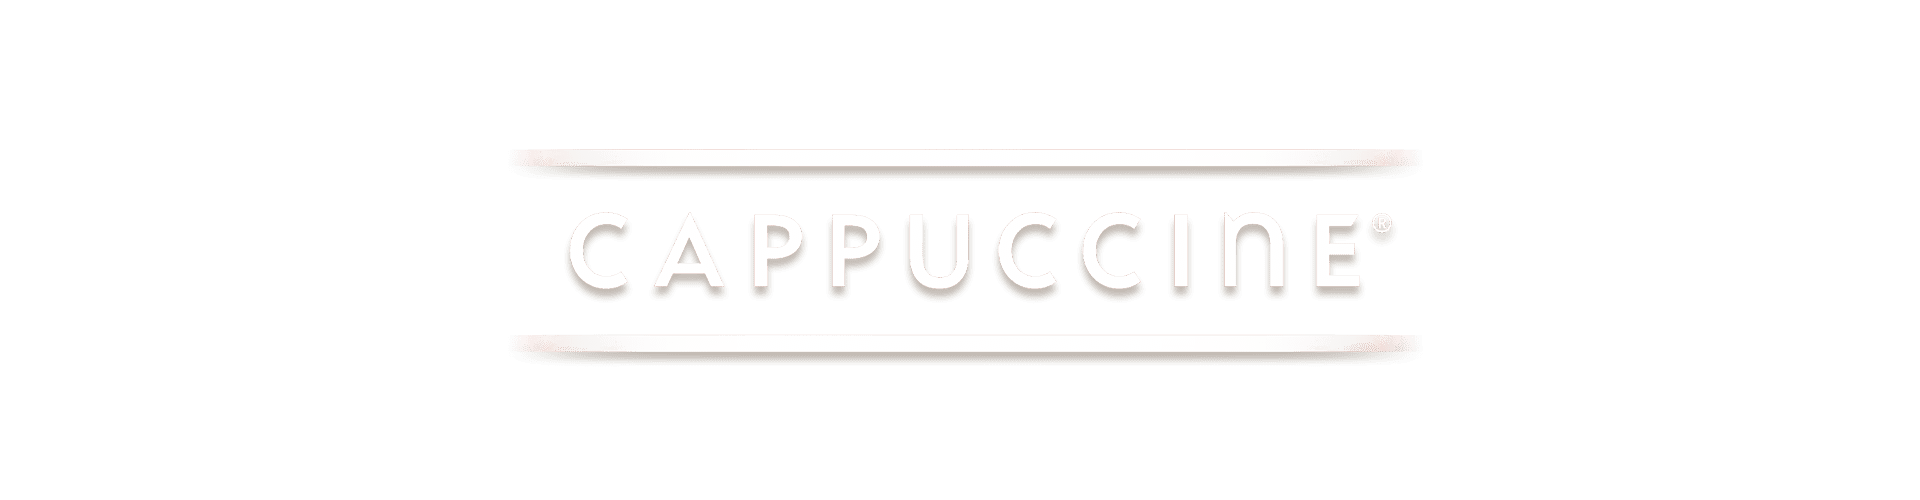 Cappuccine Slider Parallax Titulo